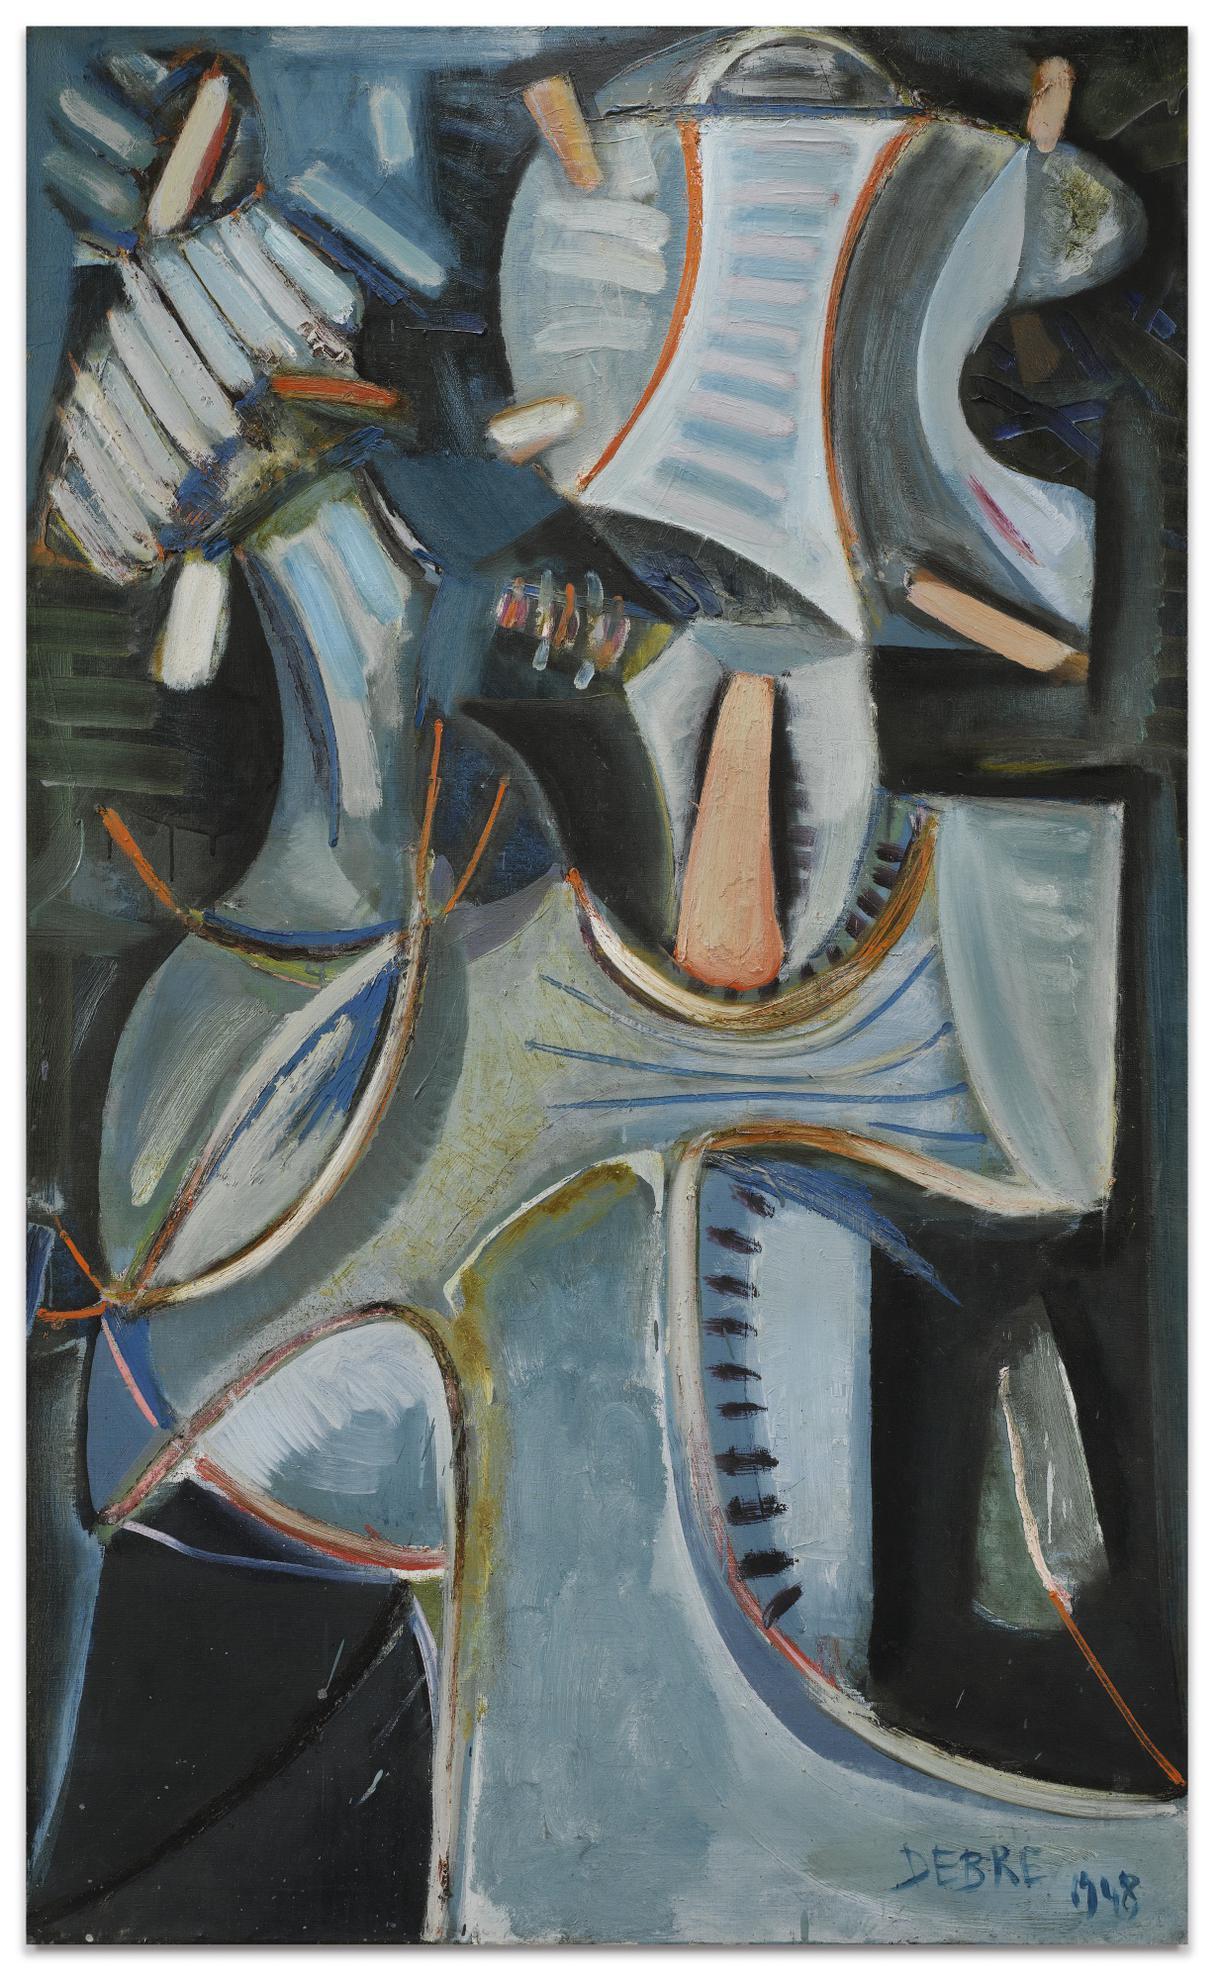 Olivier Debre-Signe, Musicien-1948